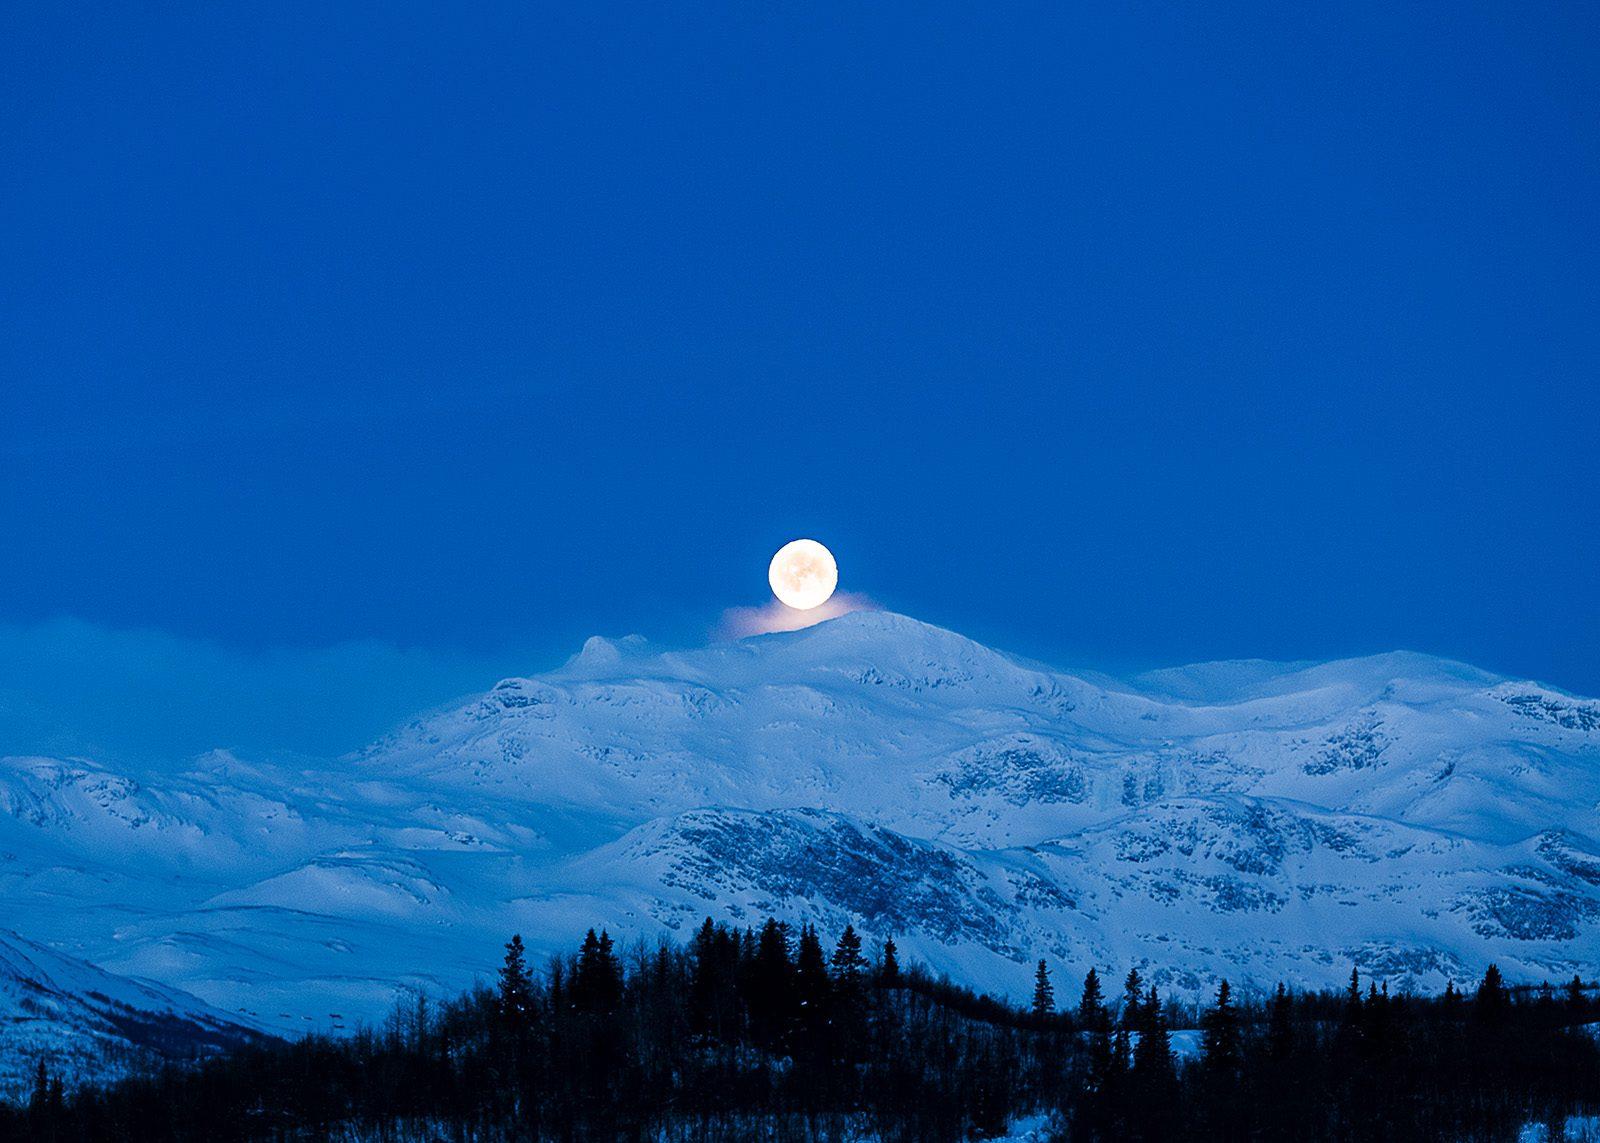 Måne a la Sohlberg av Erling Maartmann-Moe